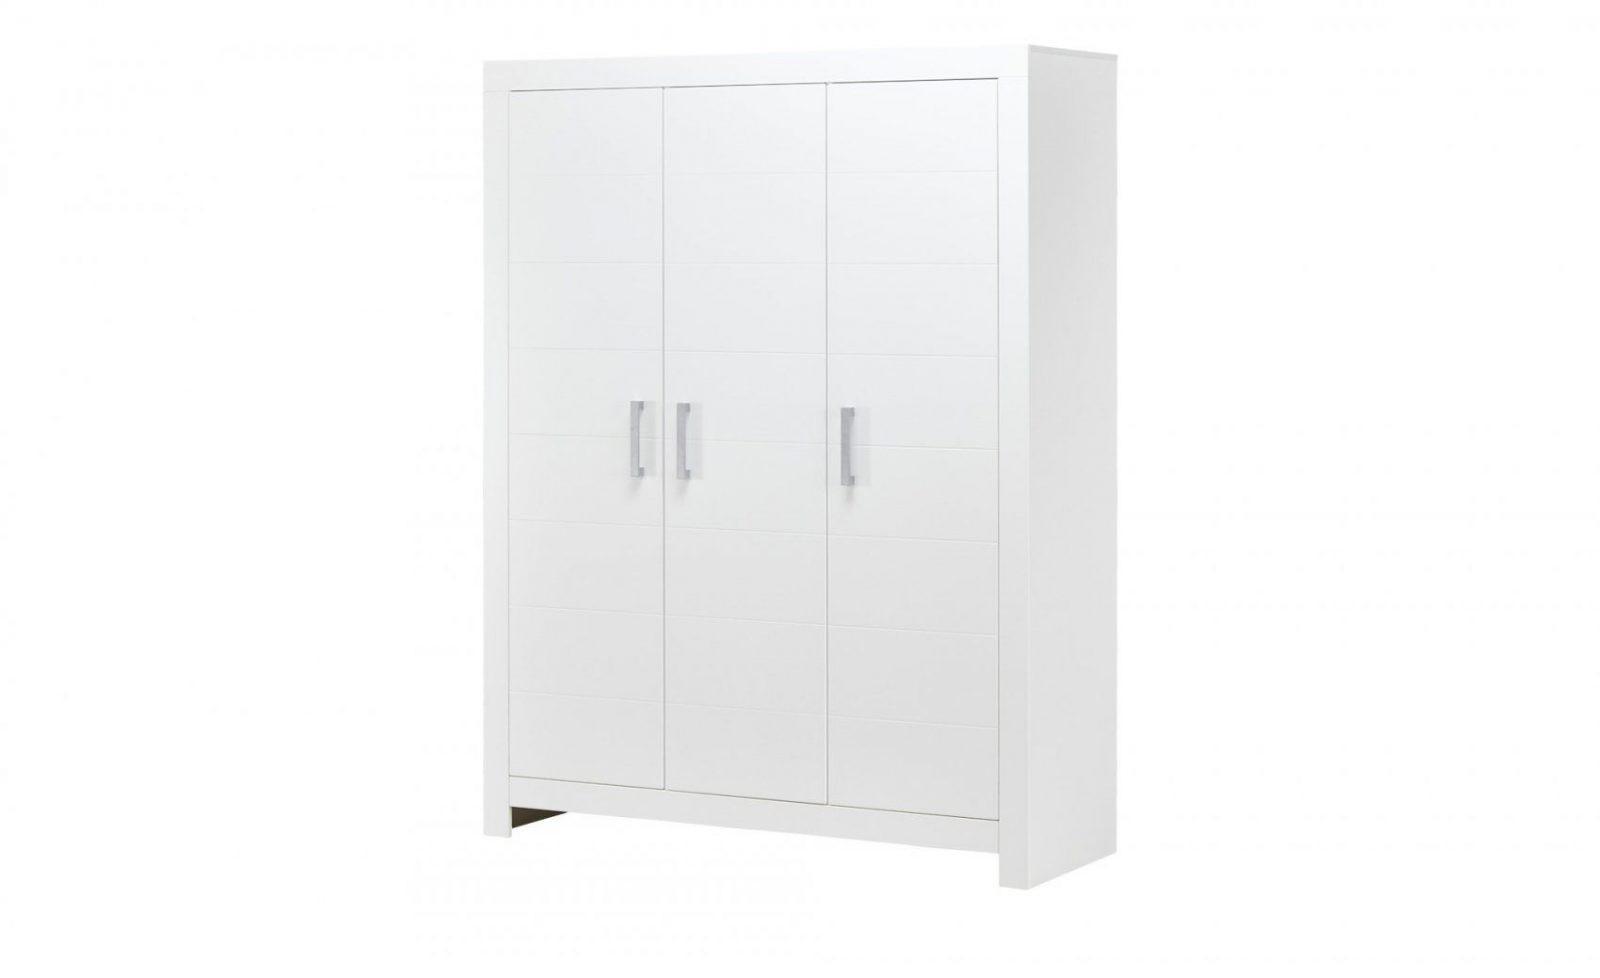 Doncosmo Drehtürenschränke Online Kaufen  Möbelsuchmaschine von Paidi Fiona Kleiderschrank 3 Türig Bild